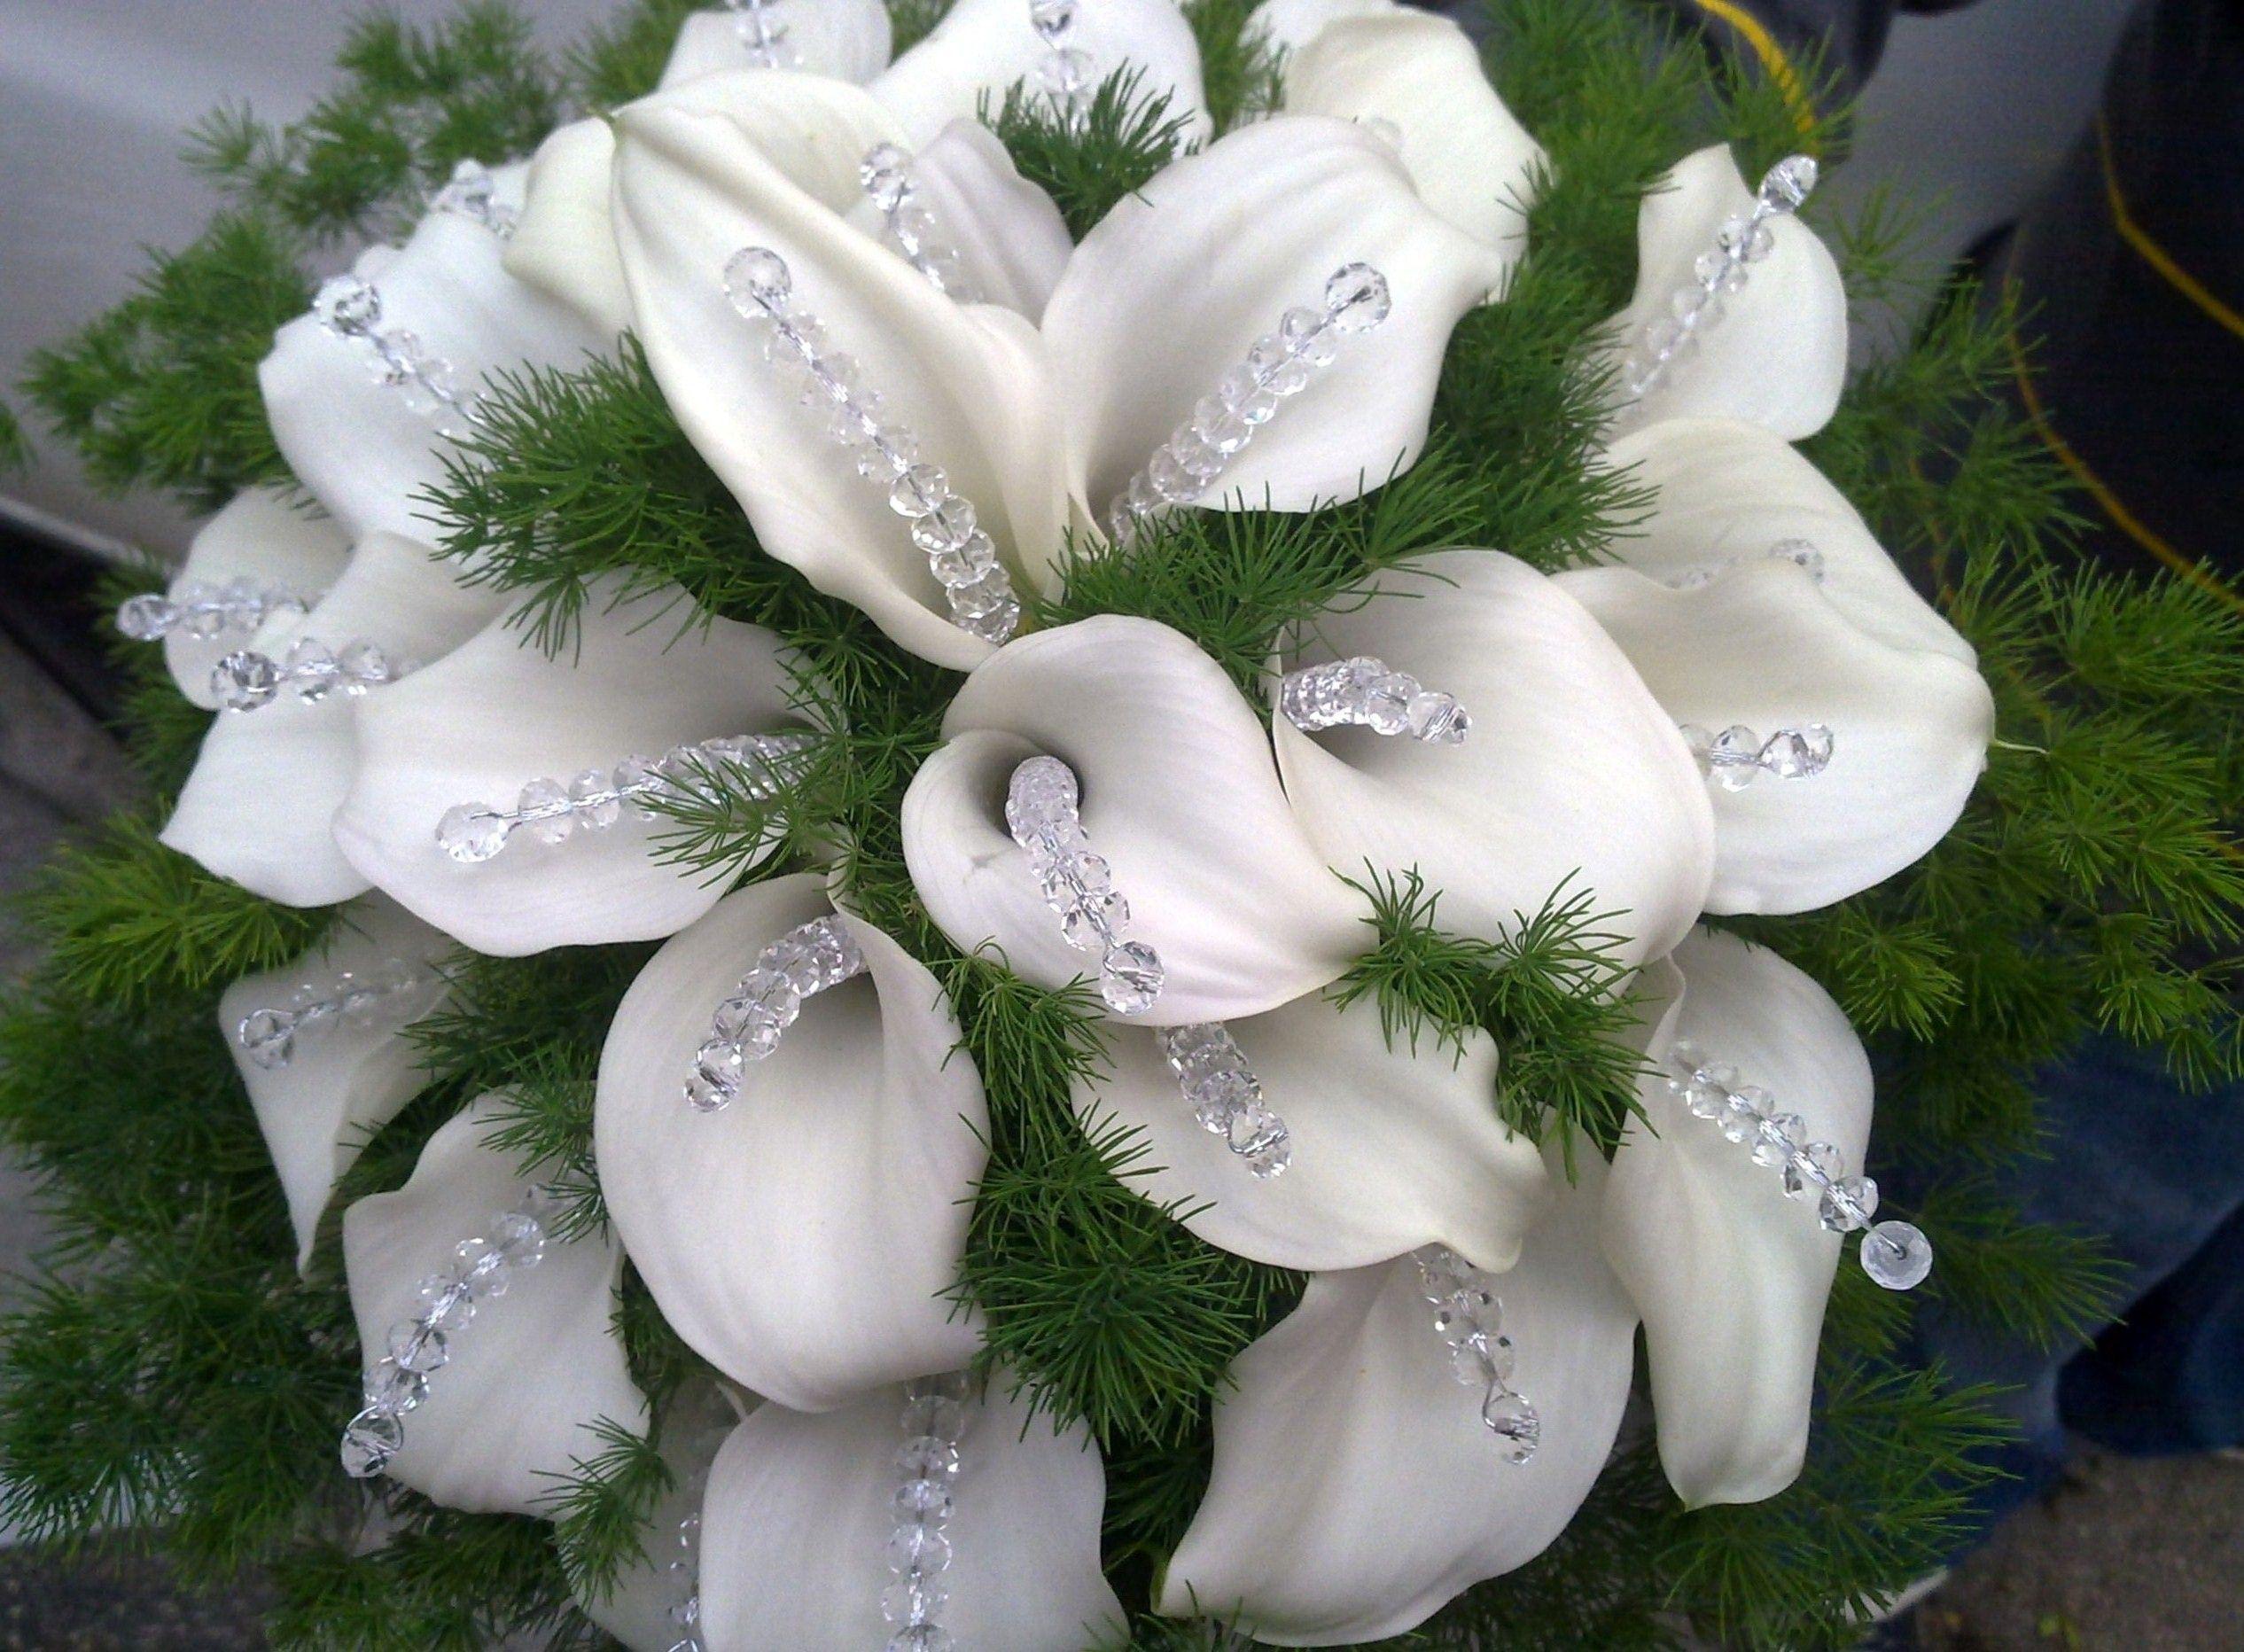 Bouquet Sposa Con Swarovski.Bouquet Sposa Con Calle E Swarovski Bouquet Sposa